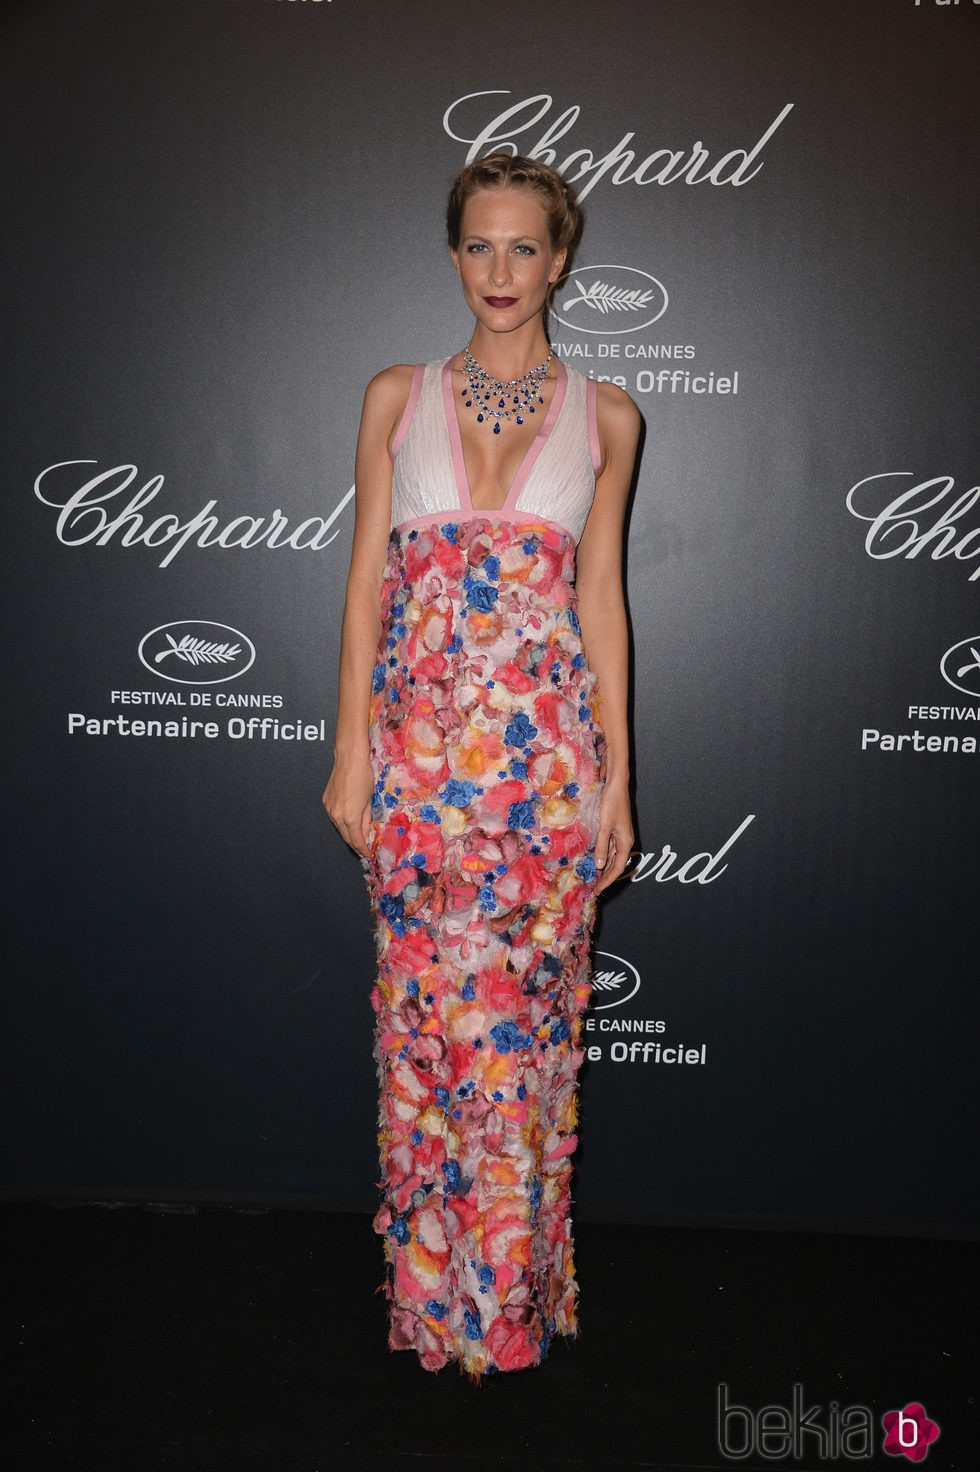 Poppy Delevingne en la fiesta Chopard ofrecida por el Festival de Cannes 2015